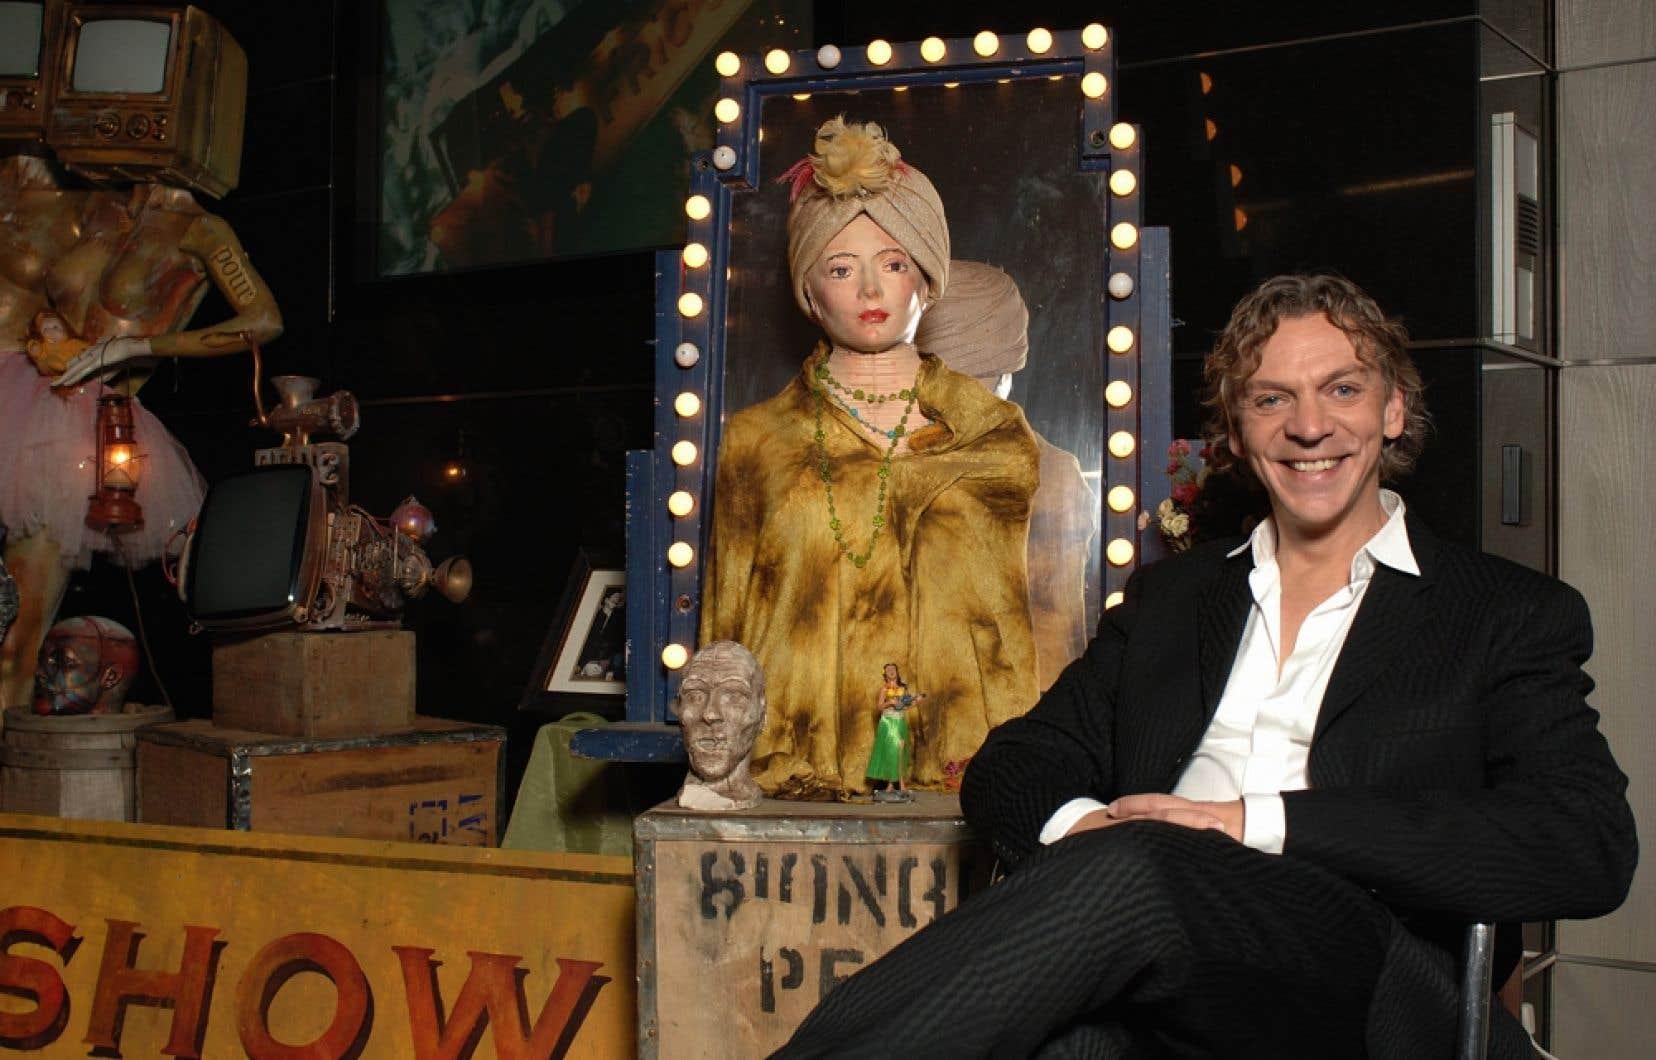 Le fric show, malgré ses intentions comiques, traitait chaque thème avec rigueur, dit Marc Labrèche.